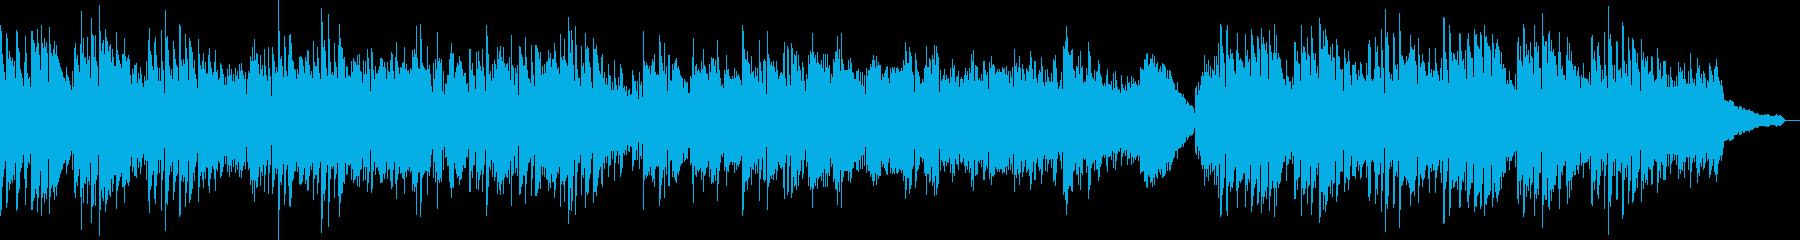 疾走感のあるソロピアノの再生済みの波形